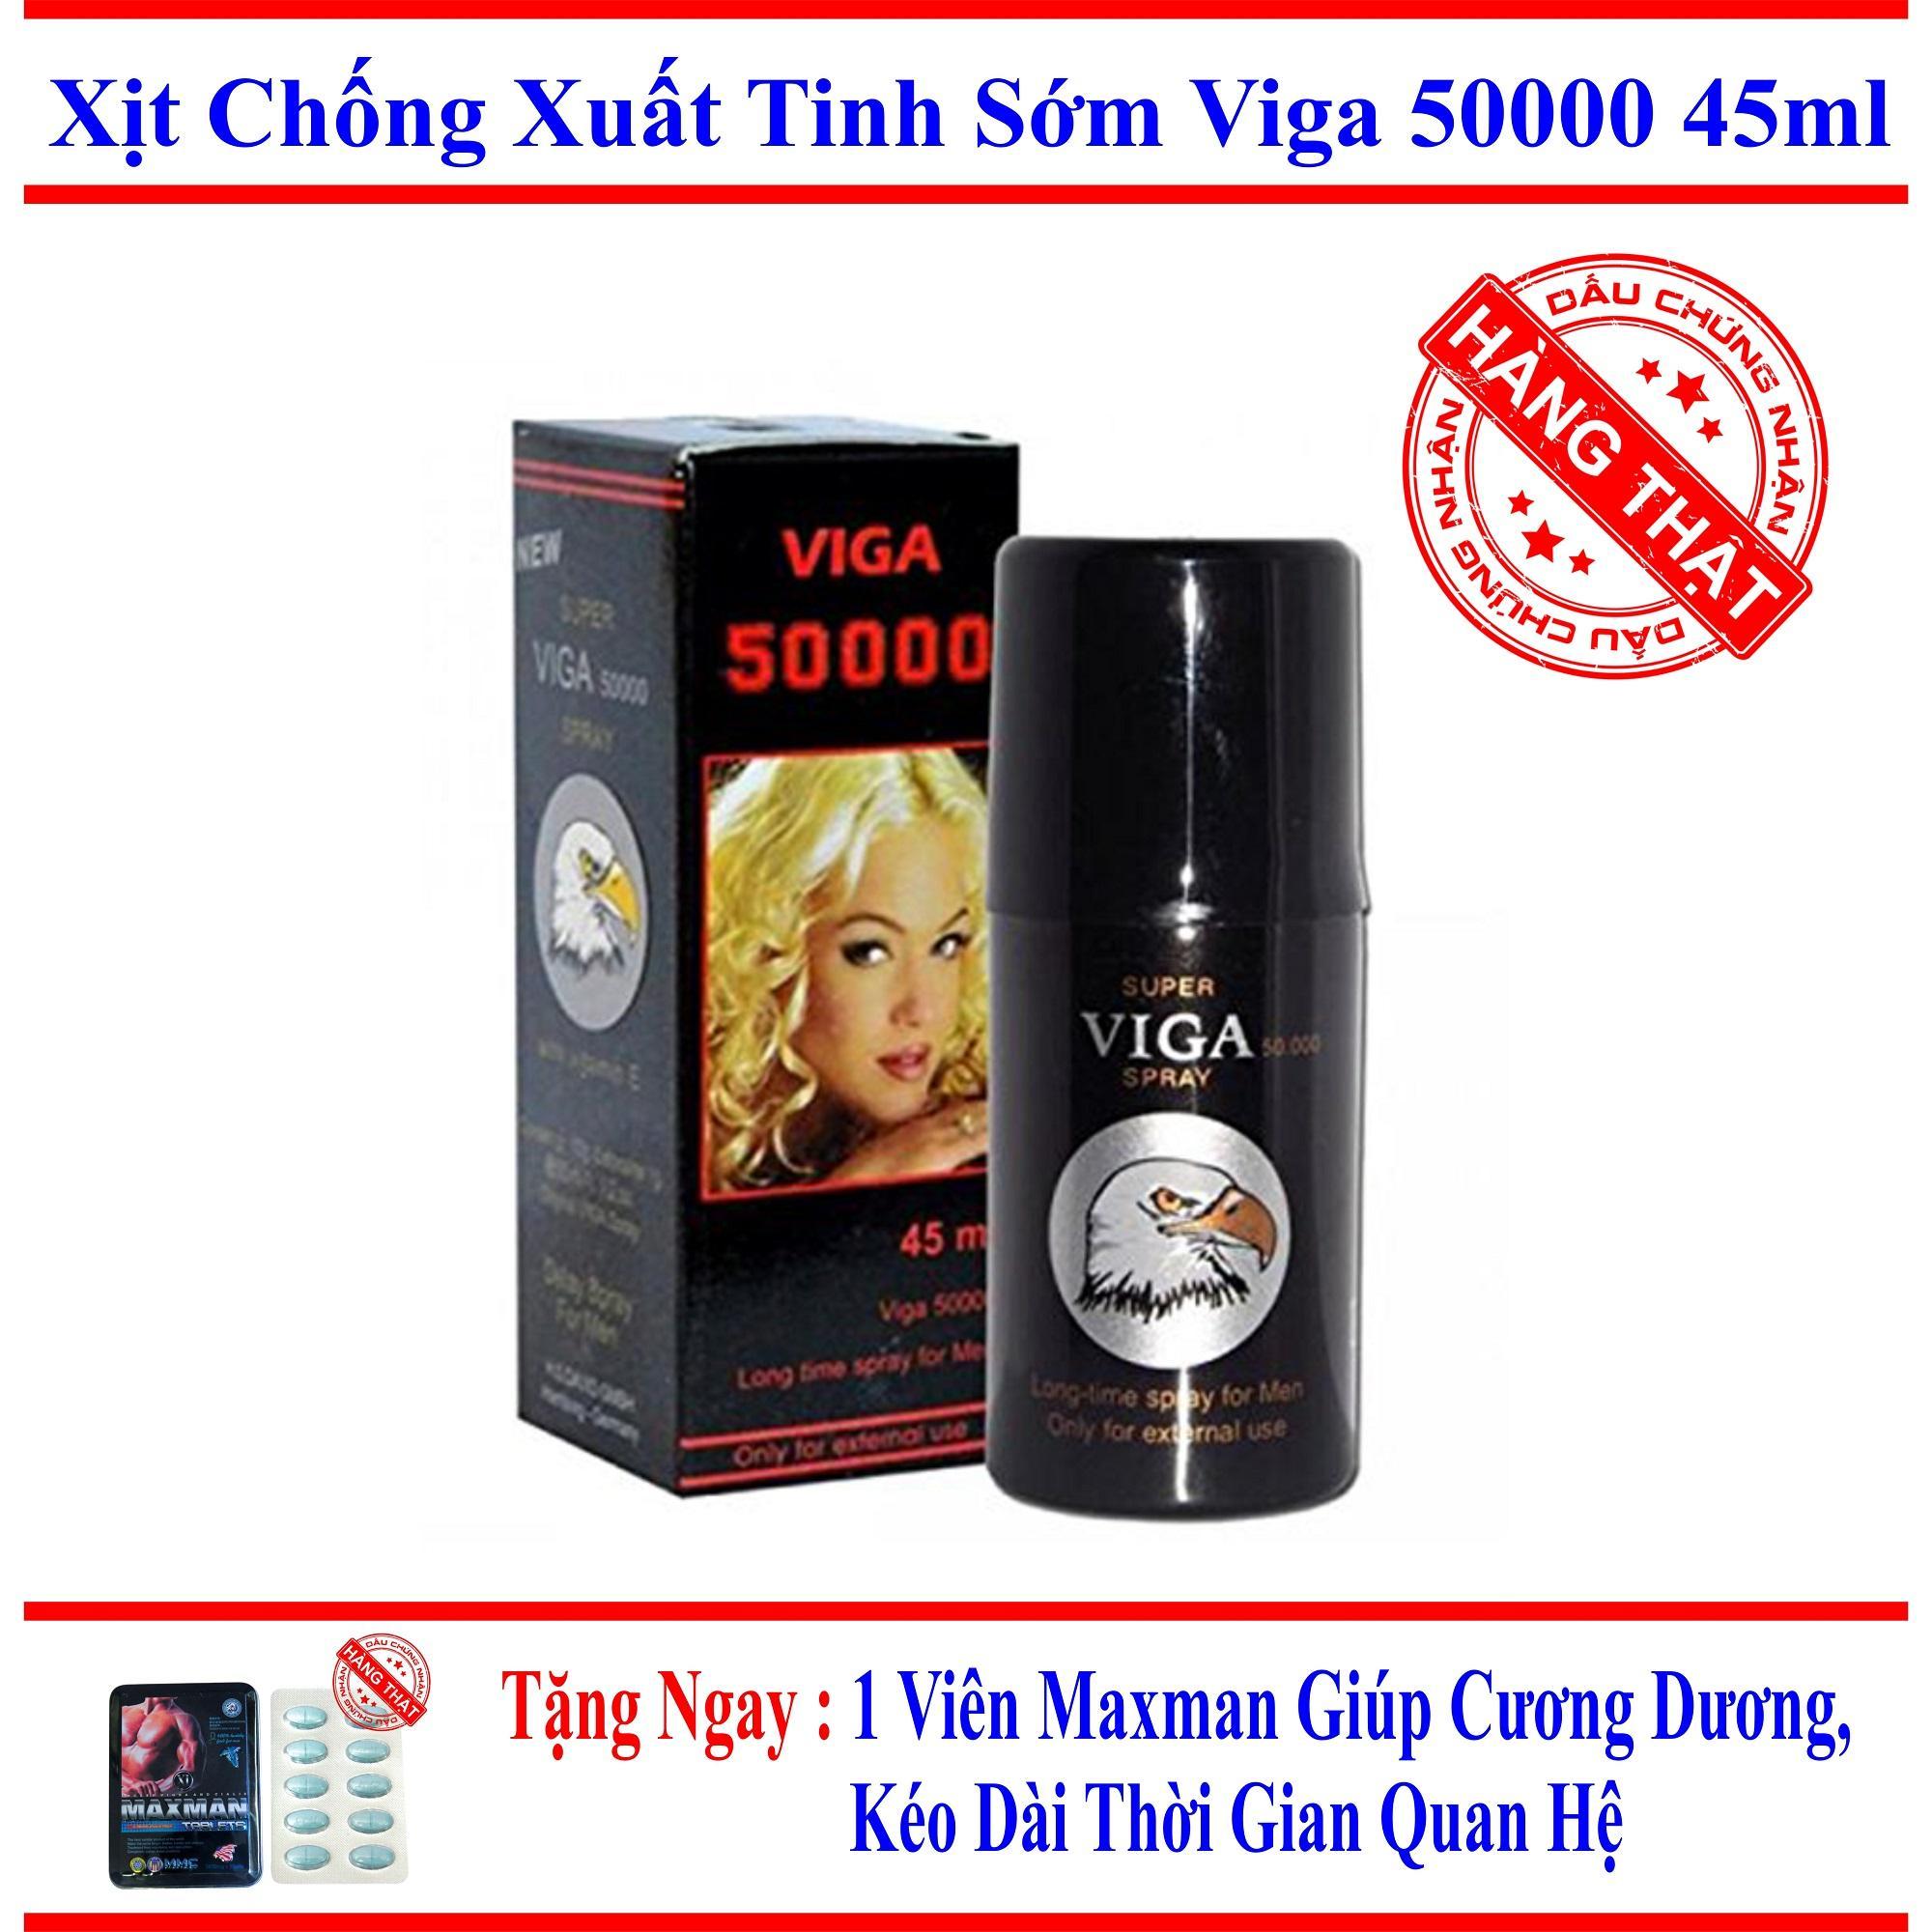 Chai xịt tăng cường_sinh lý nam, kéo dài thời gian, chống, trị xuất tinh sớm_VIGA_50000 (45ml)